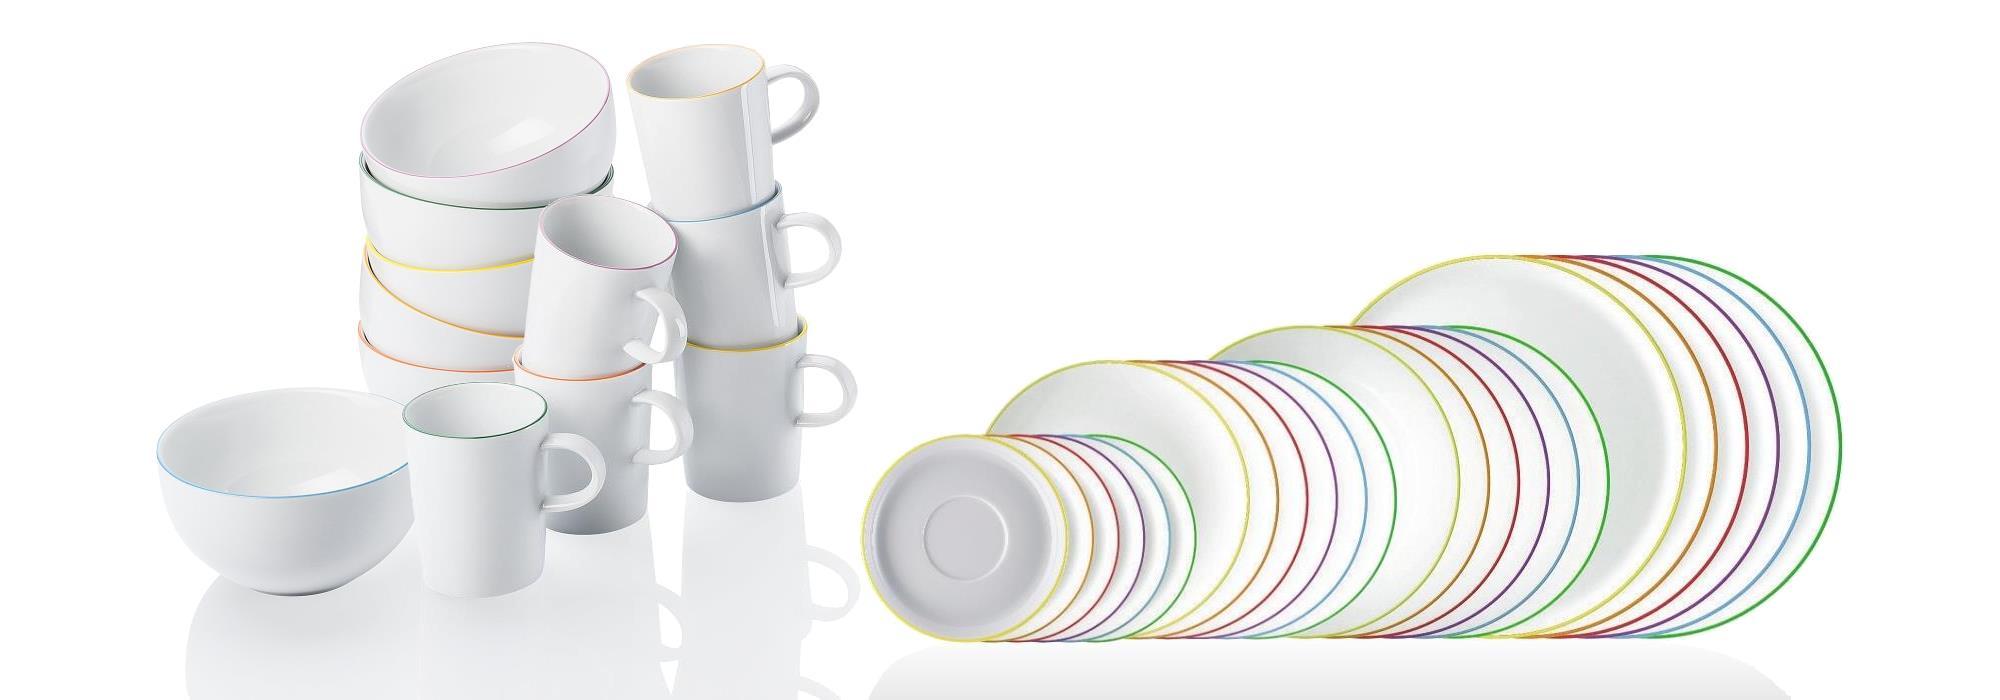 Kombi-Set 36 tlg. mit Henkelbechern und Müslischalen - CUCINA COLORI -  Arzberg - farblich sortiert